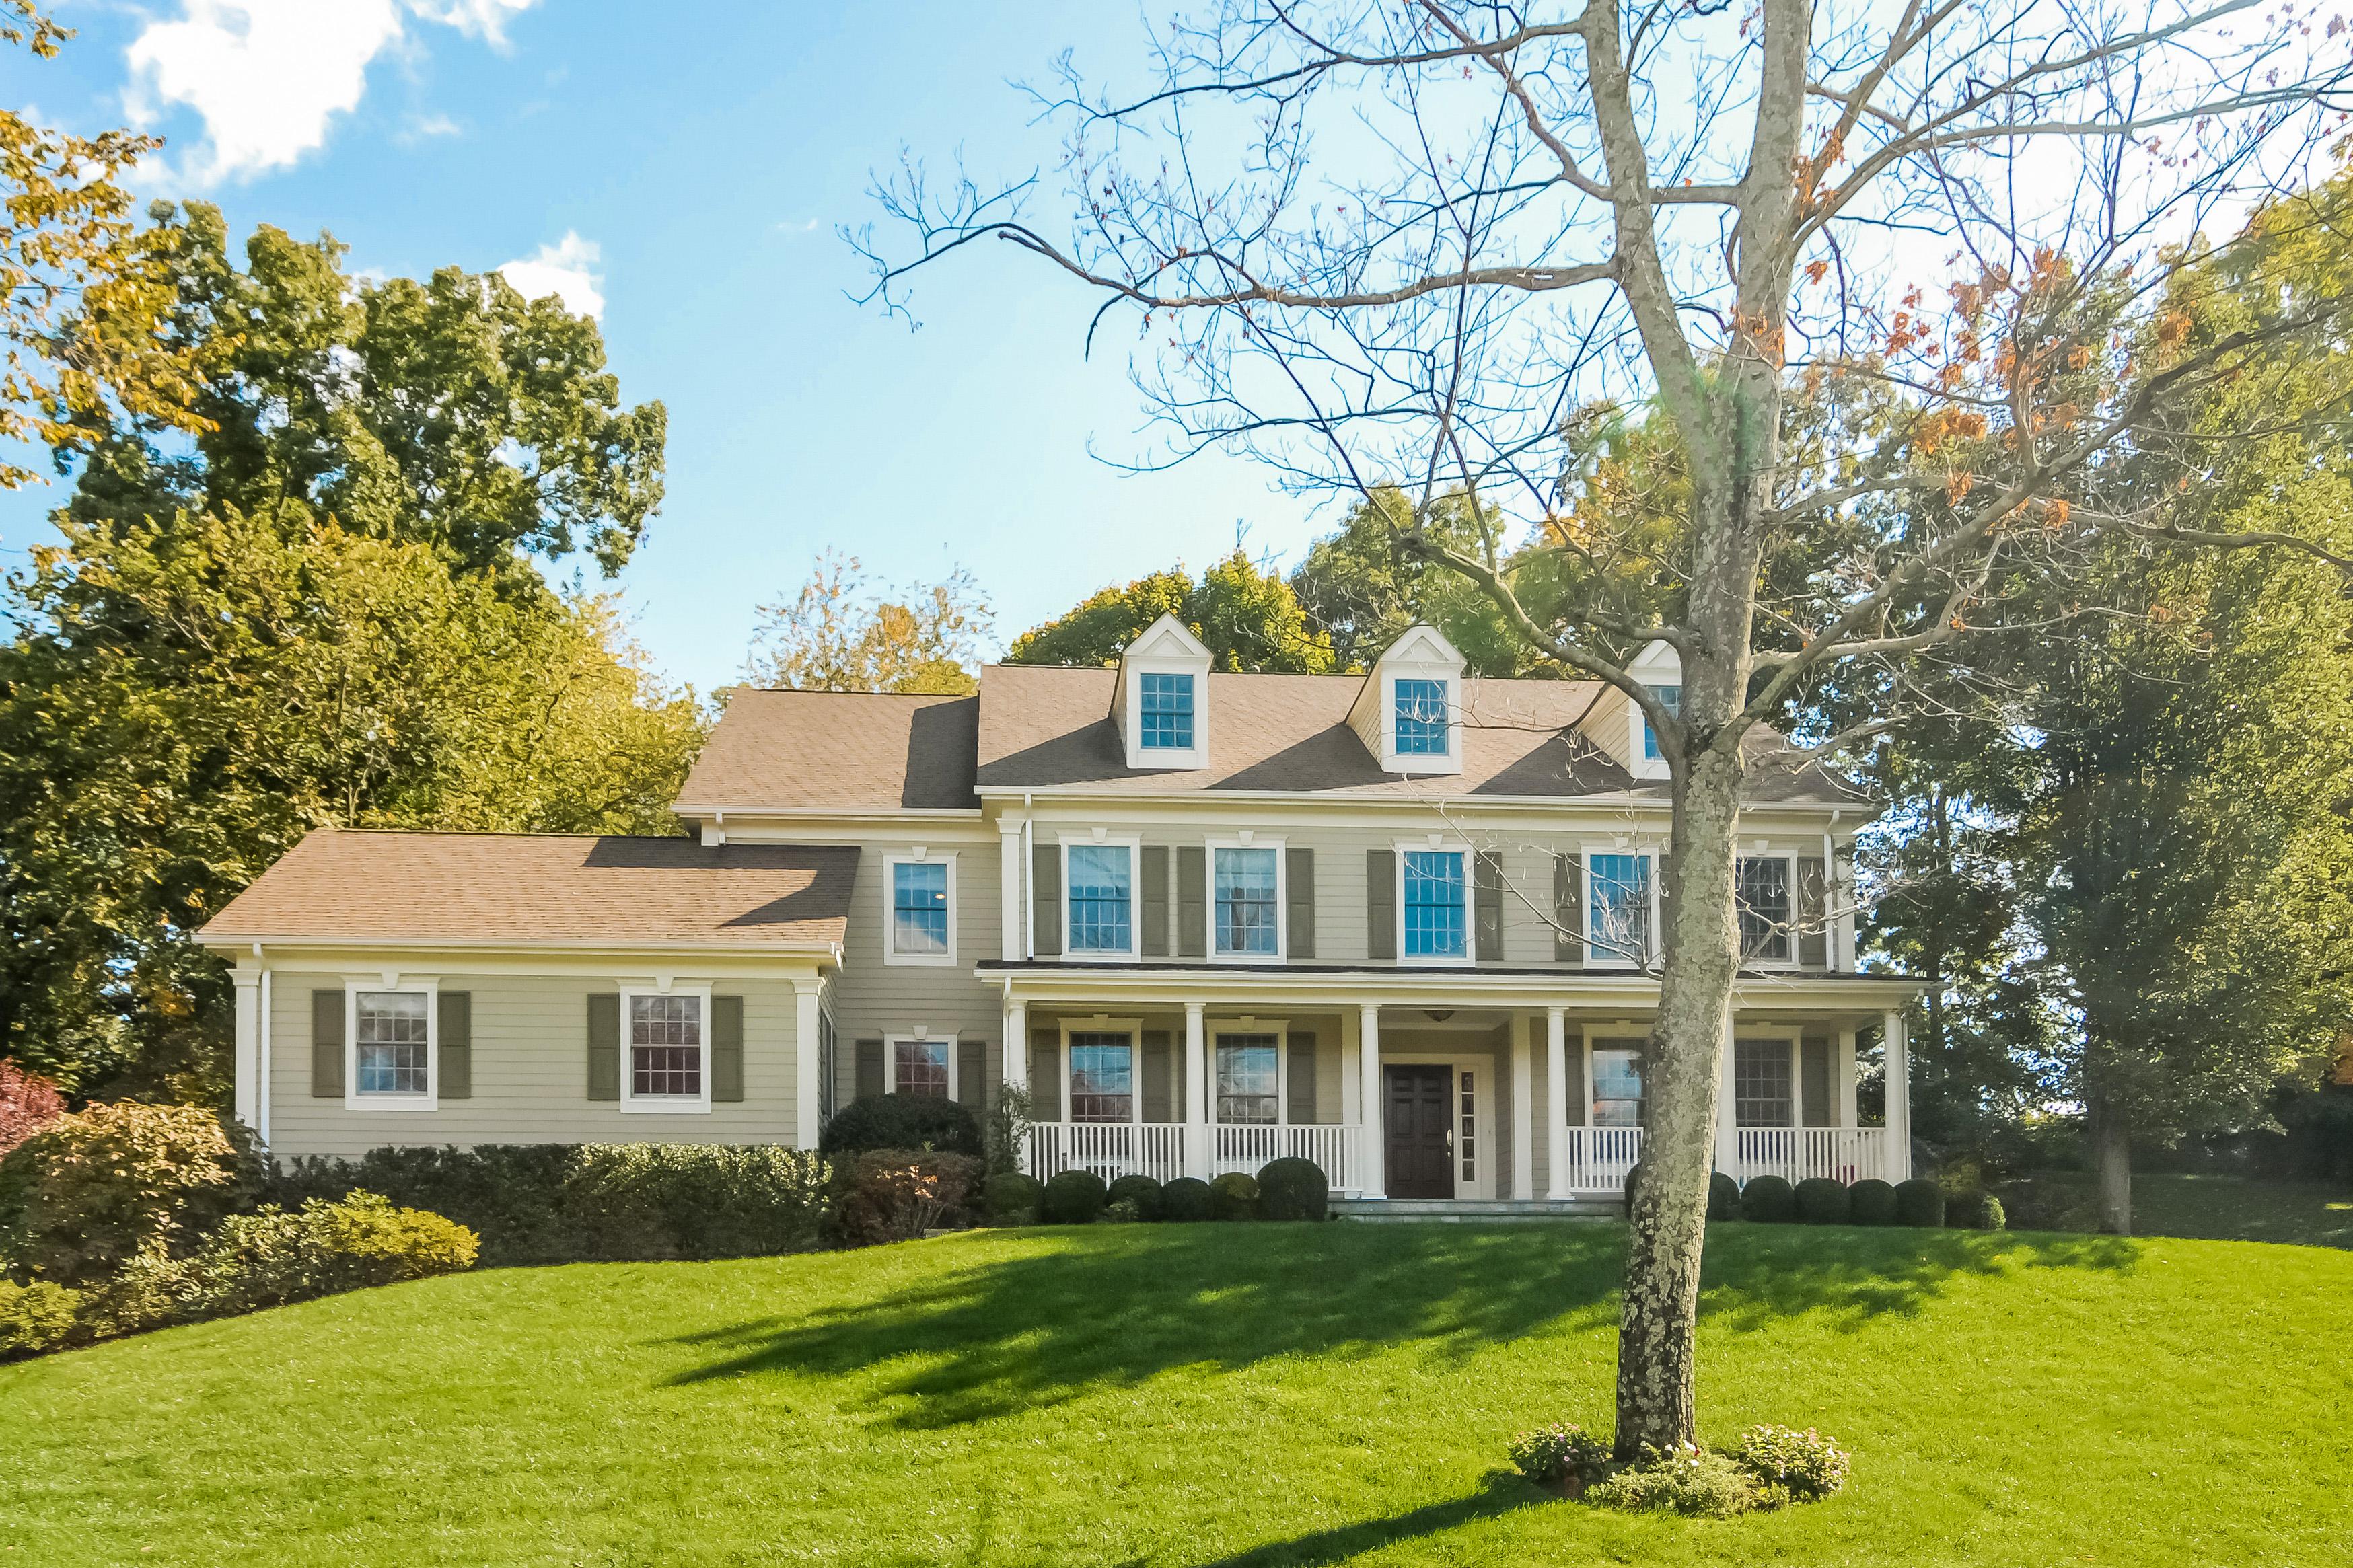 独户住宅 为 销售 在 4 Augusta Court Purchase, 纽约州 10577 美国